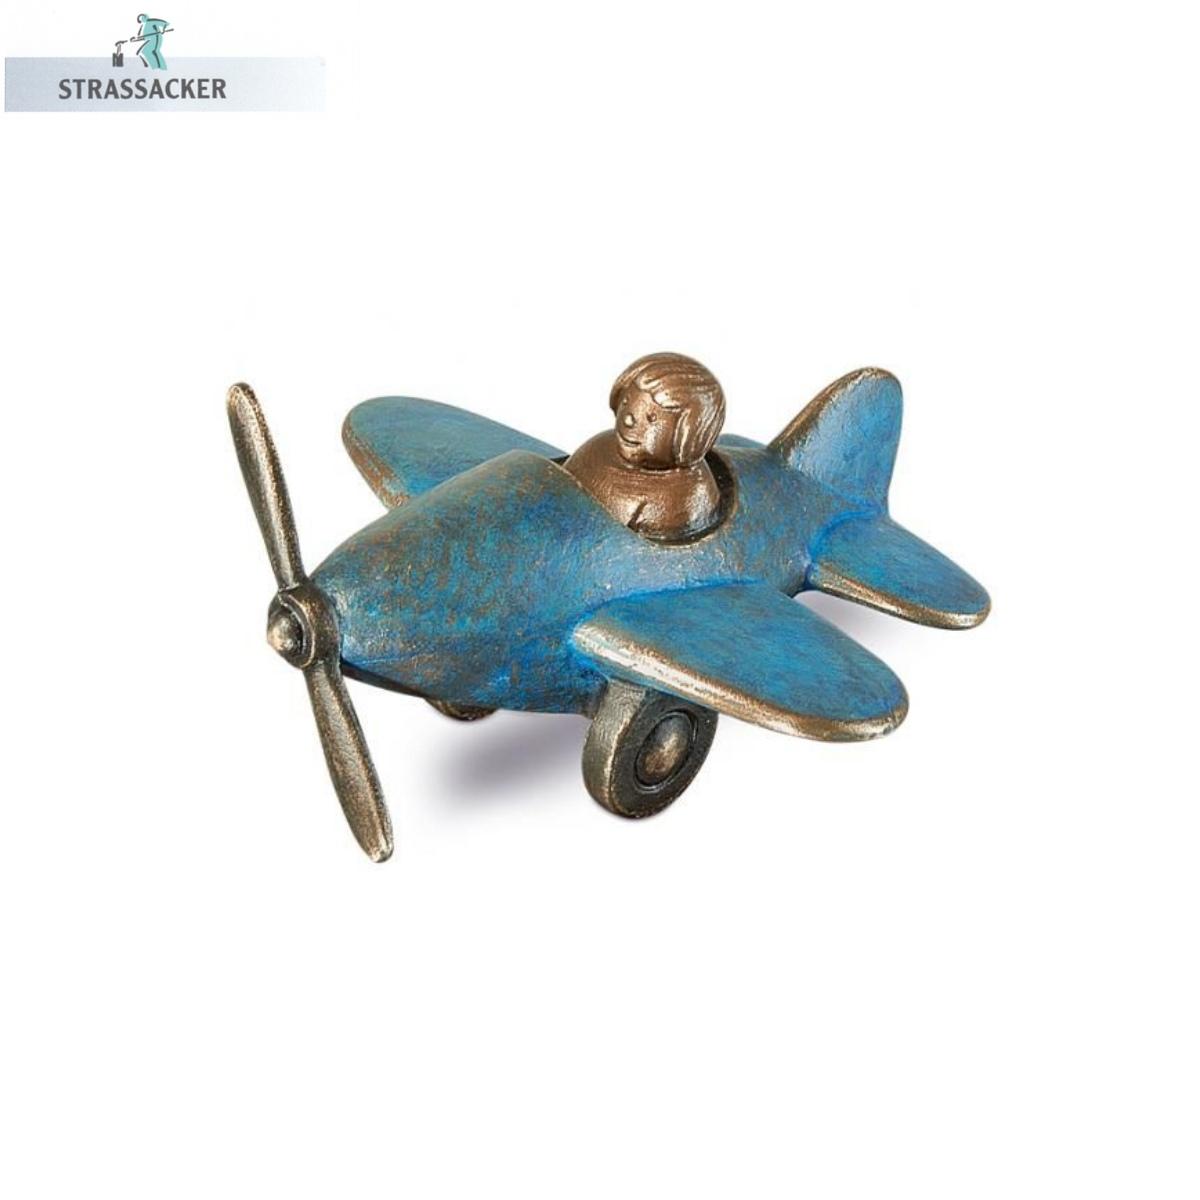 Flugzeug Aus Bronze Für Grabsteine - Bronzeflugzeug